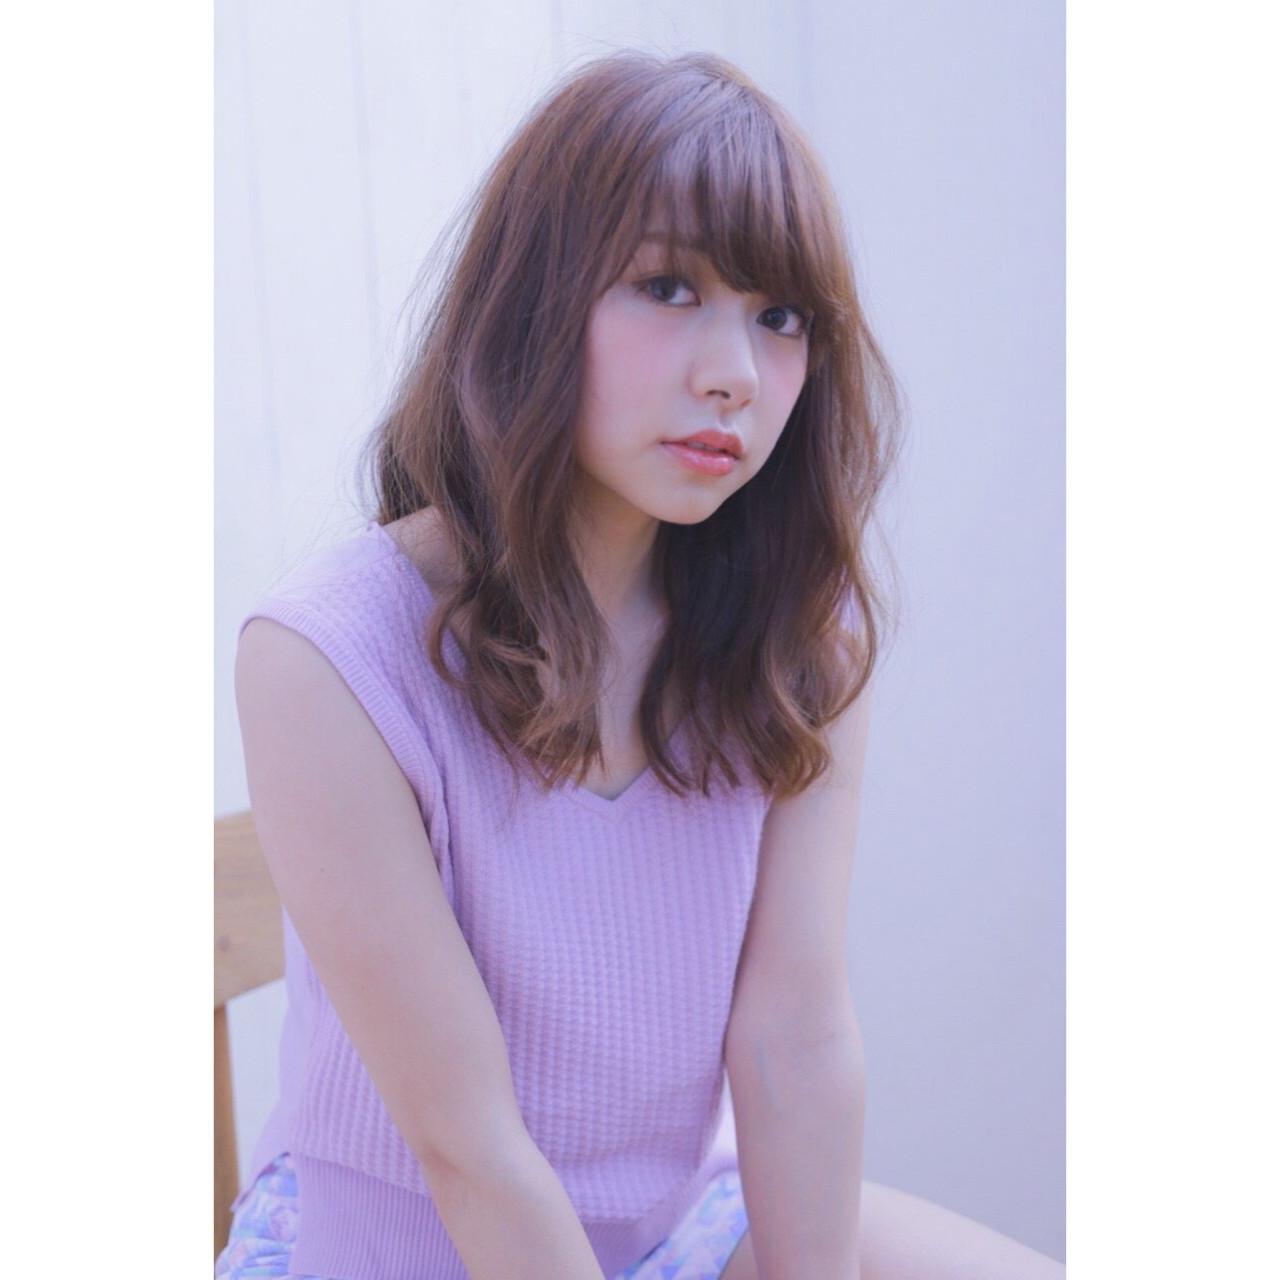 韓国で流行りの「복숭아メイク(桃メイク)」、日本にも上陸か・・・!?♡ ラスバン マモル / luve heart's And Be+Eclat